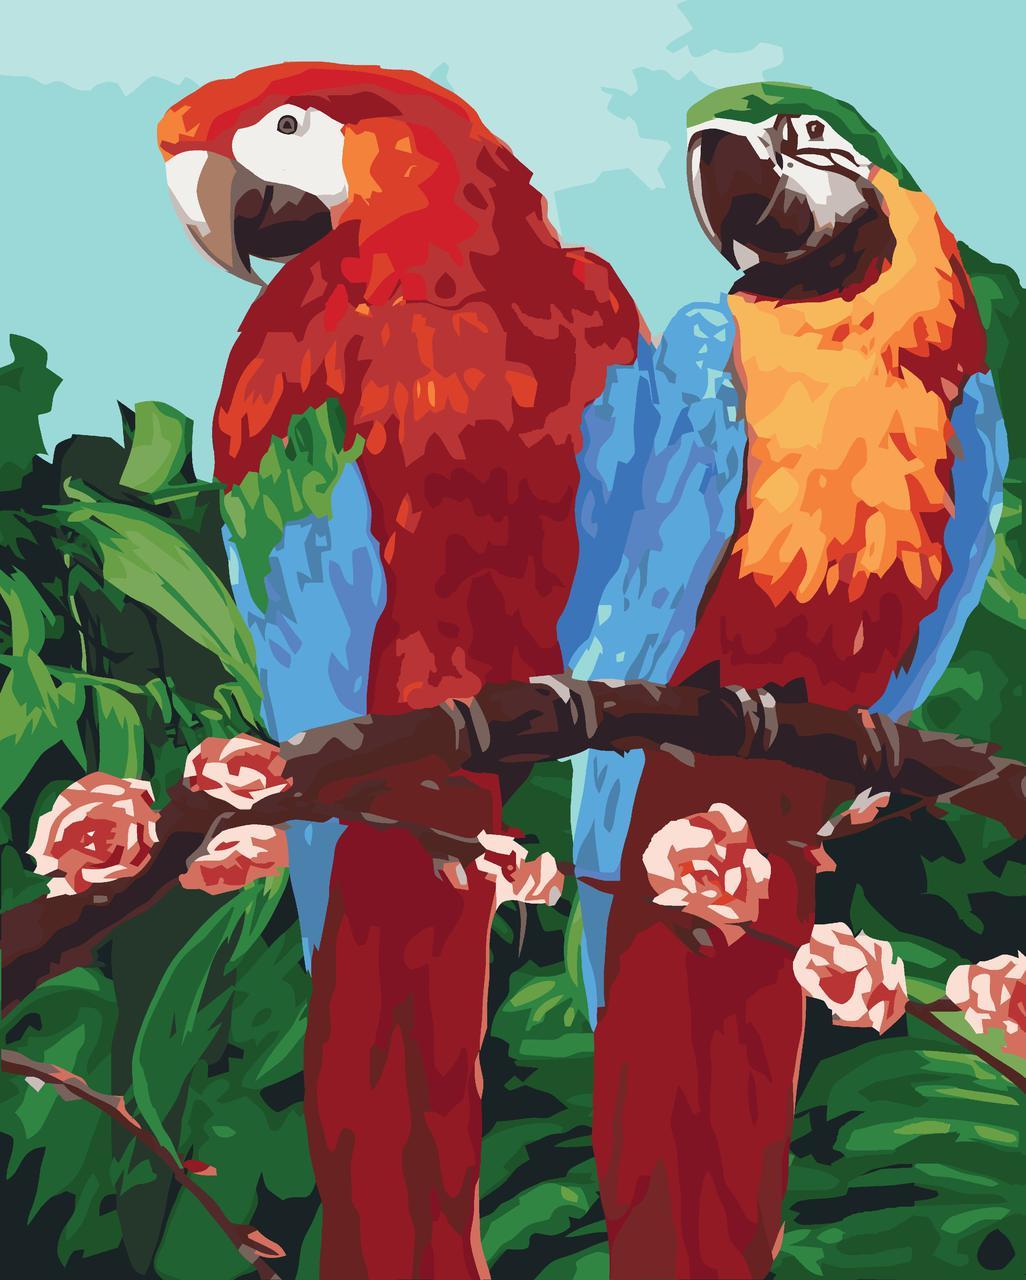 Картины по номерам / коробка. Королевские попугаи 40х50см арт. КН4051